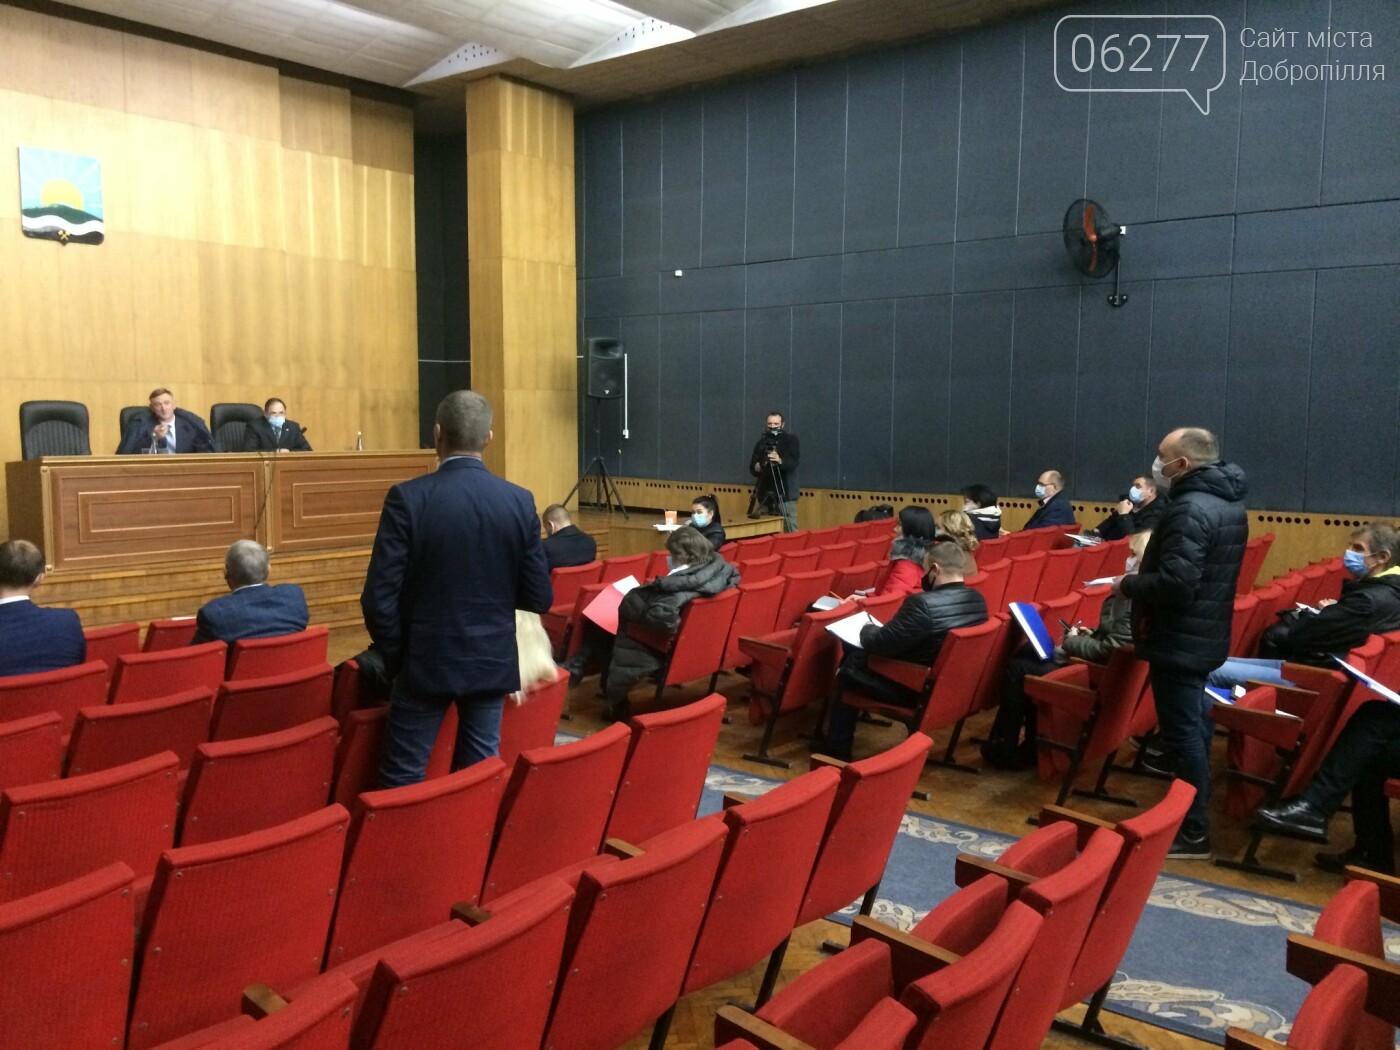 В Доброполье состоялась сессия городского совета, фото-1